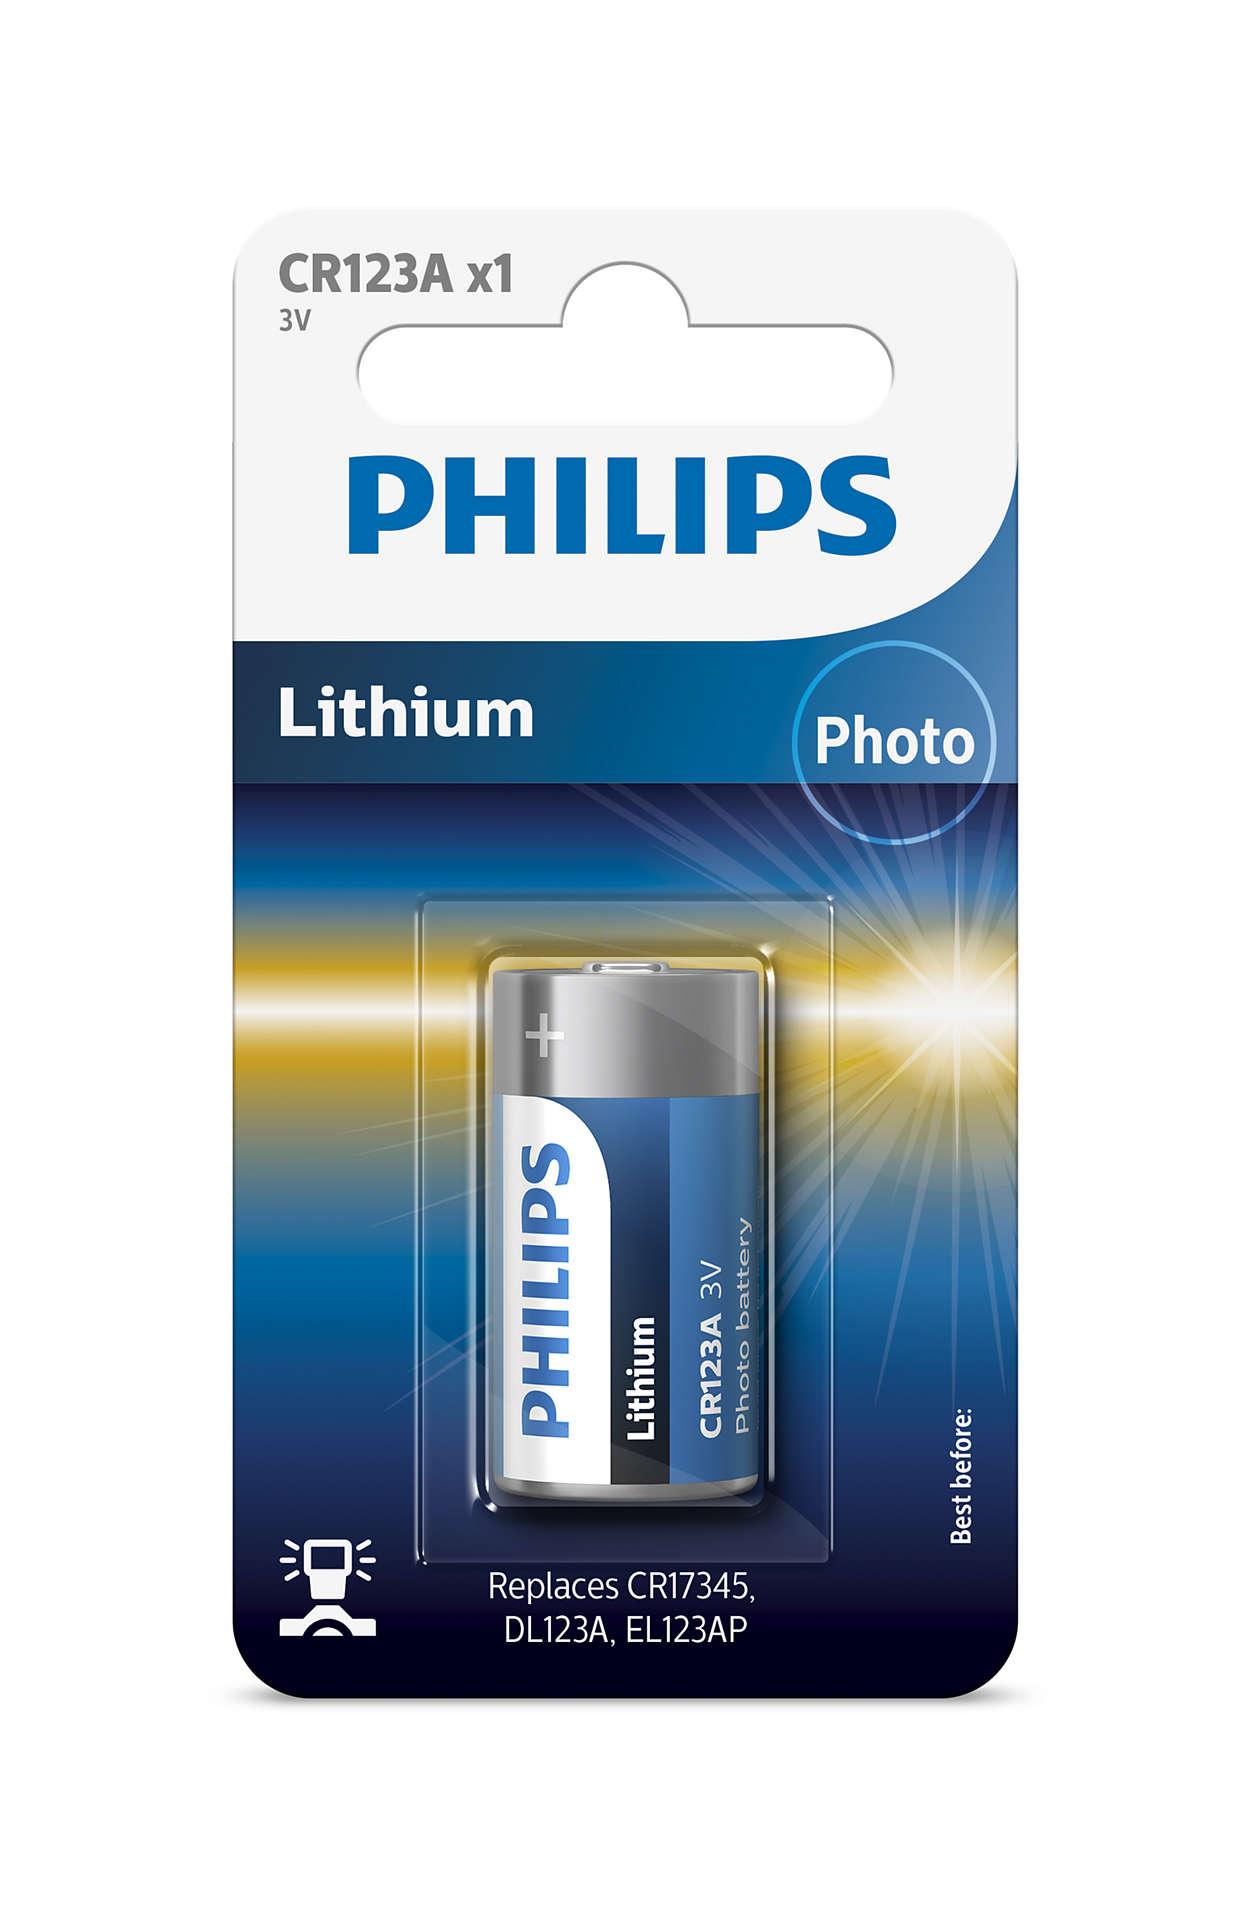 Nejkvalitnější lithiová technologie pro váš fotoaparát